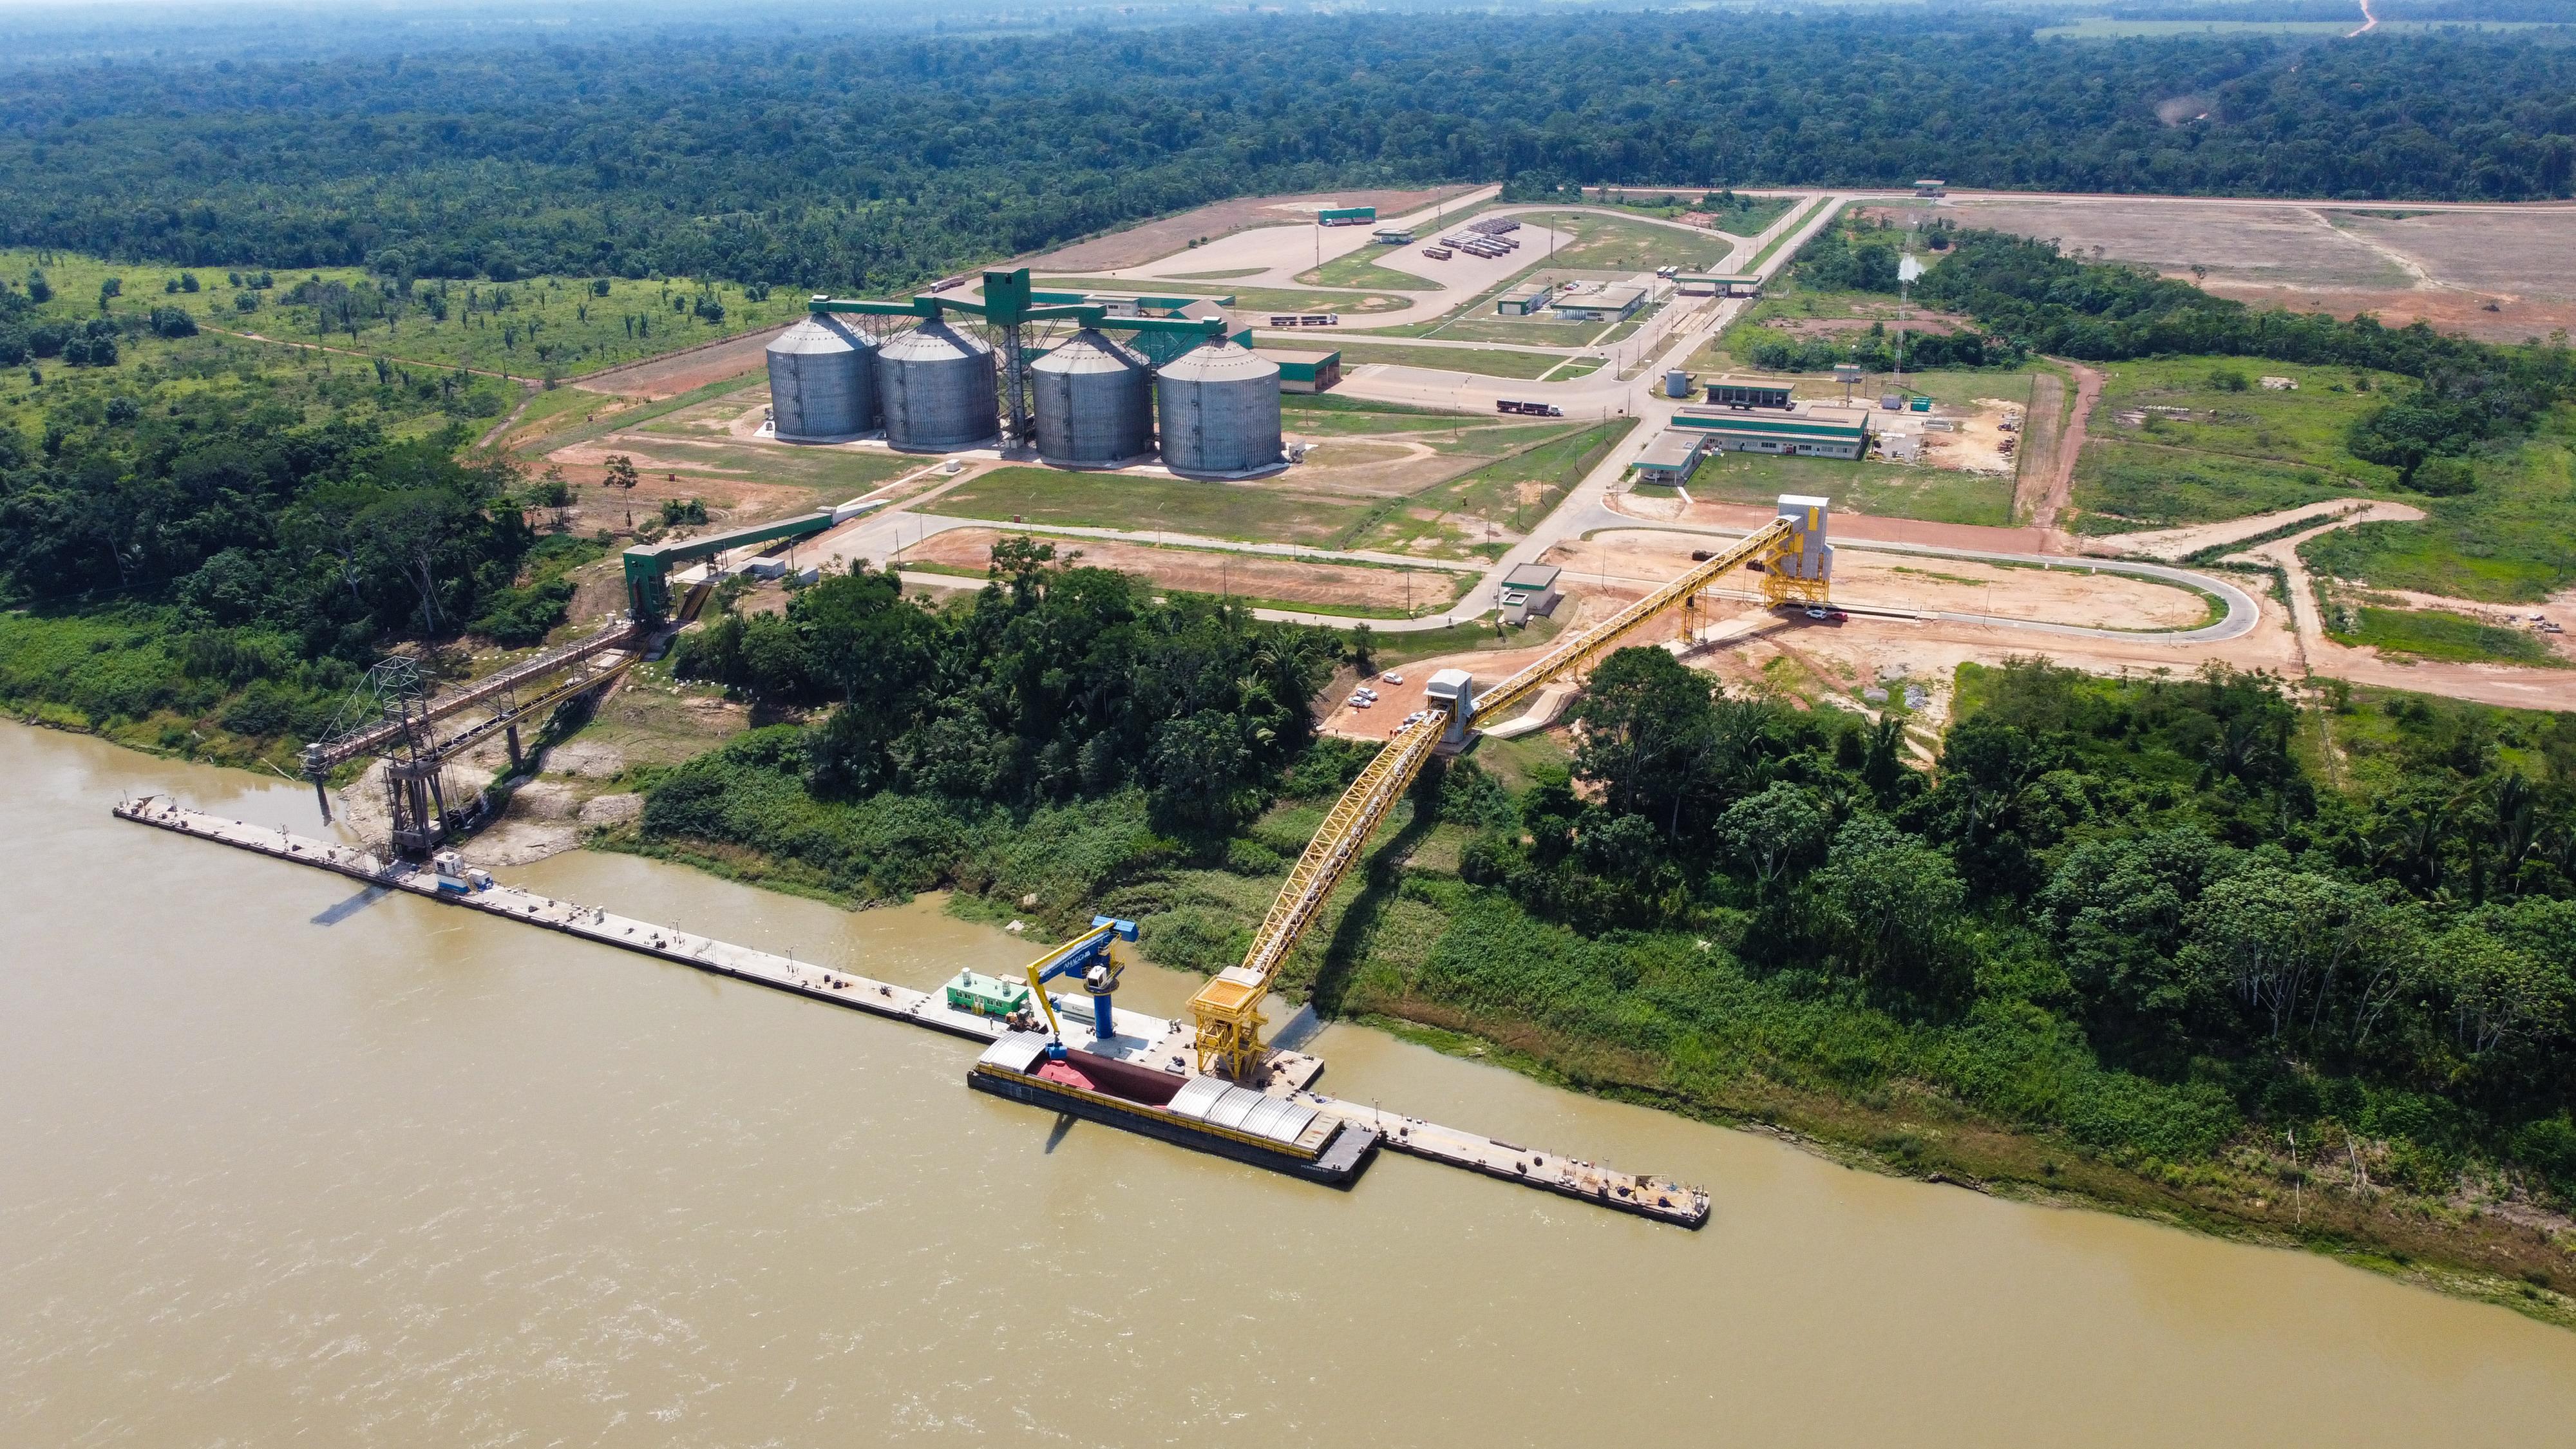 Complexo de Portochuelo, em Porto Velho (RO), onde estão em andamento obras de uma das novas fábricas misturadoras de fertilizantes da AMAGGI.